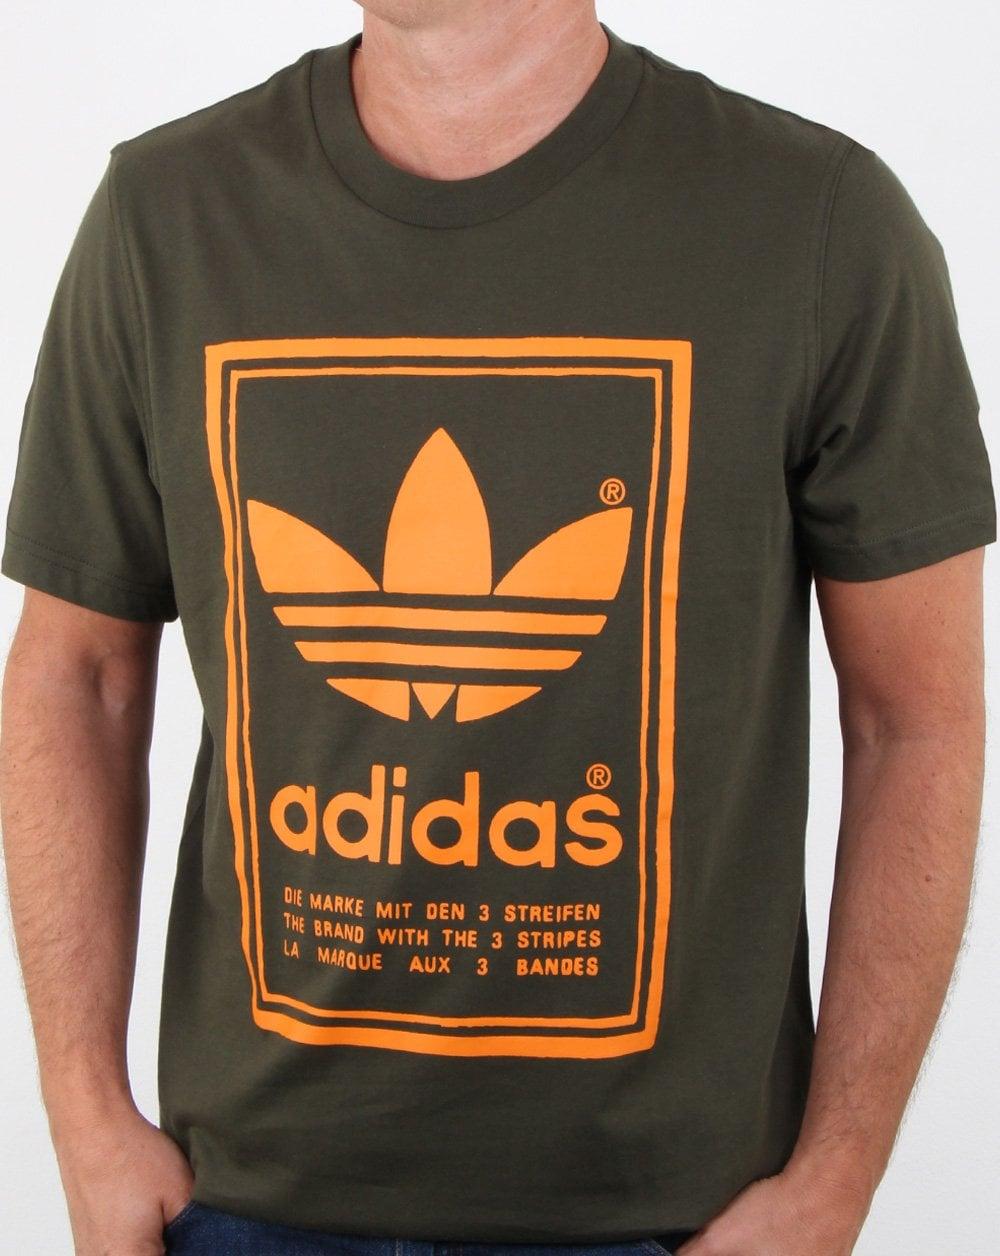 06cb54e3c03 adidas Originals Adidas Originals Vintage T Shirt Night Cargo